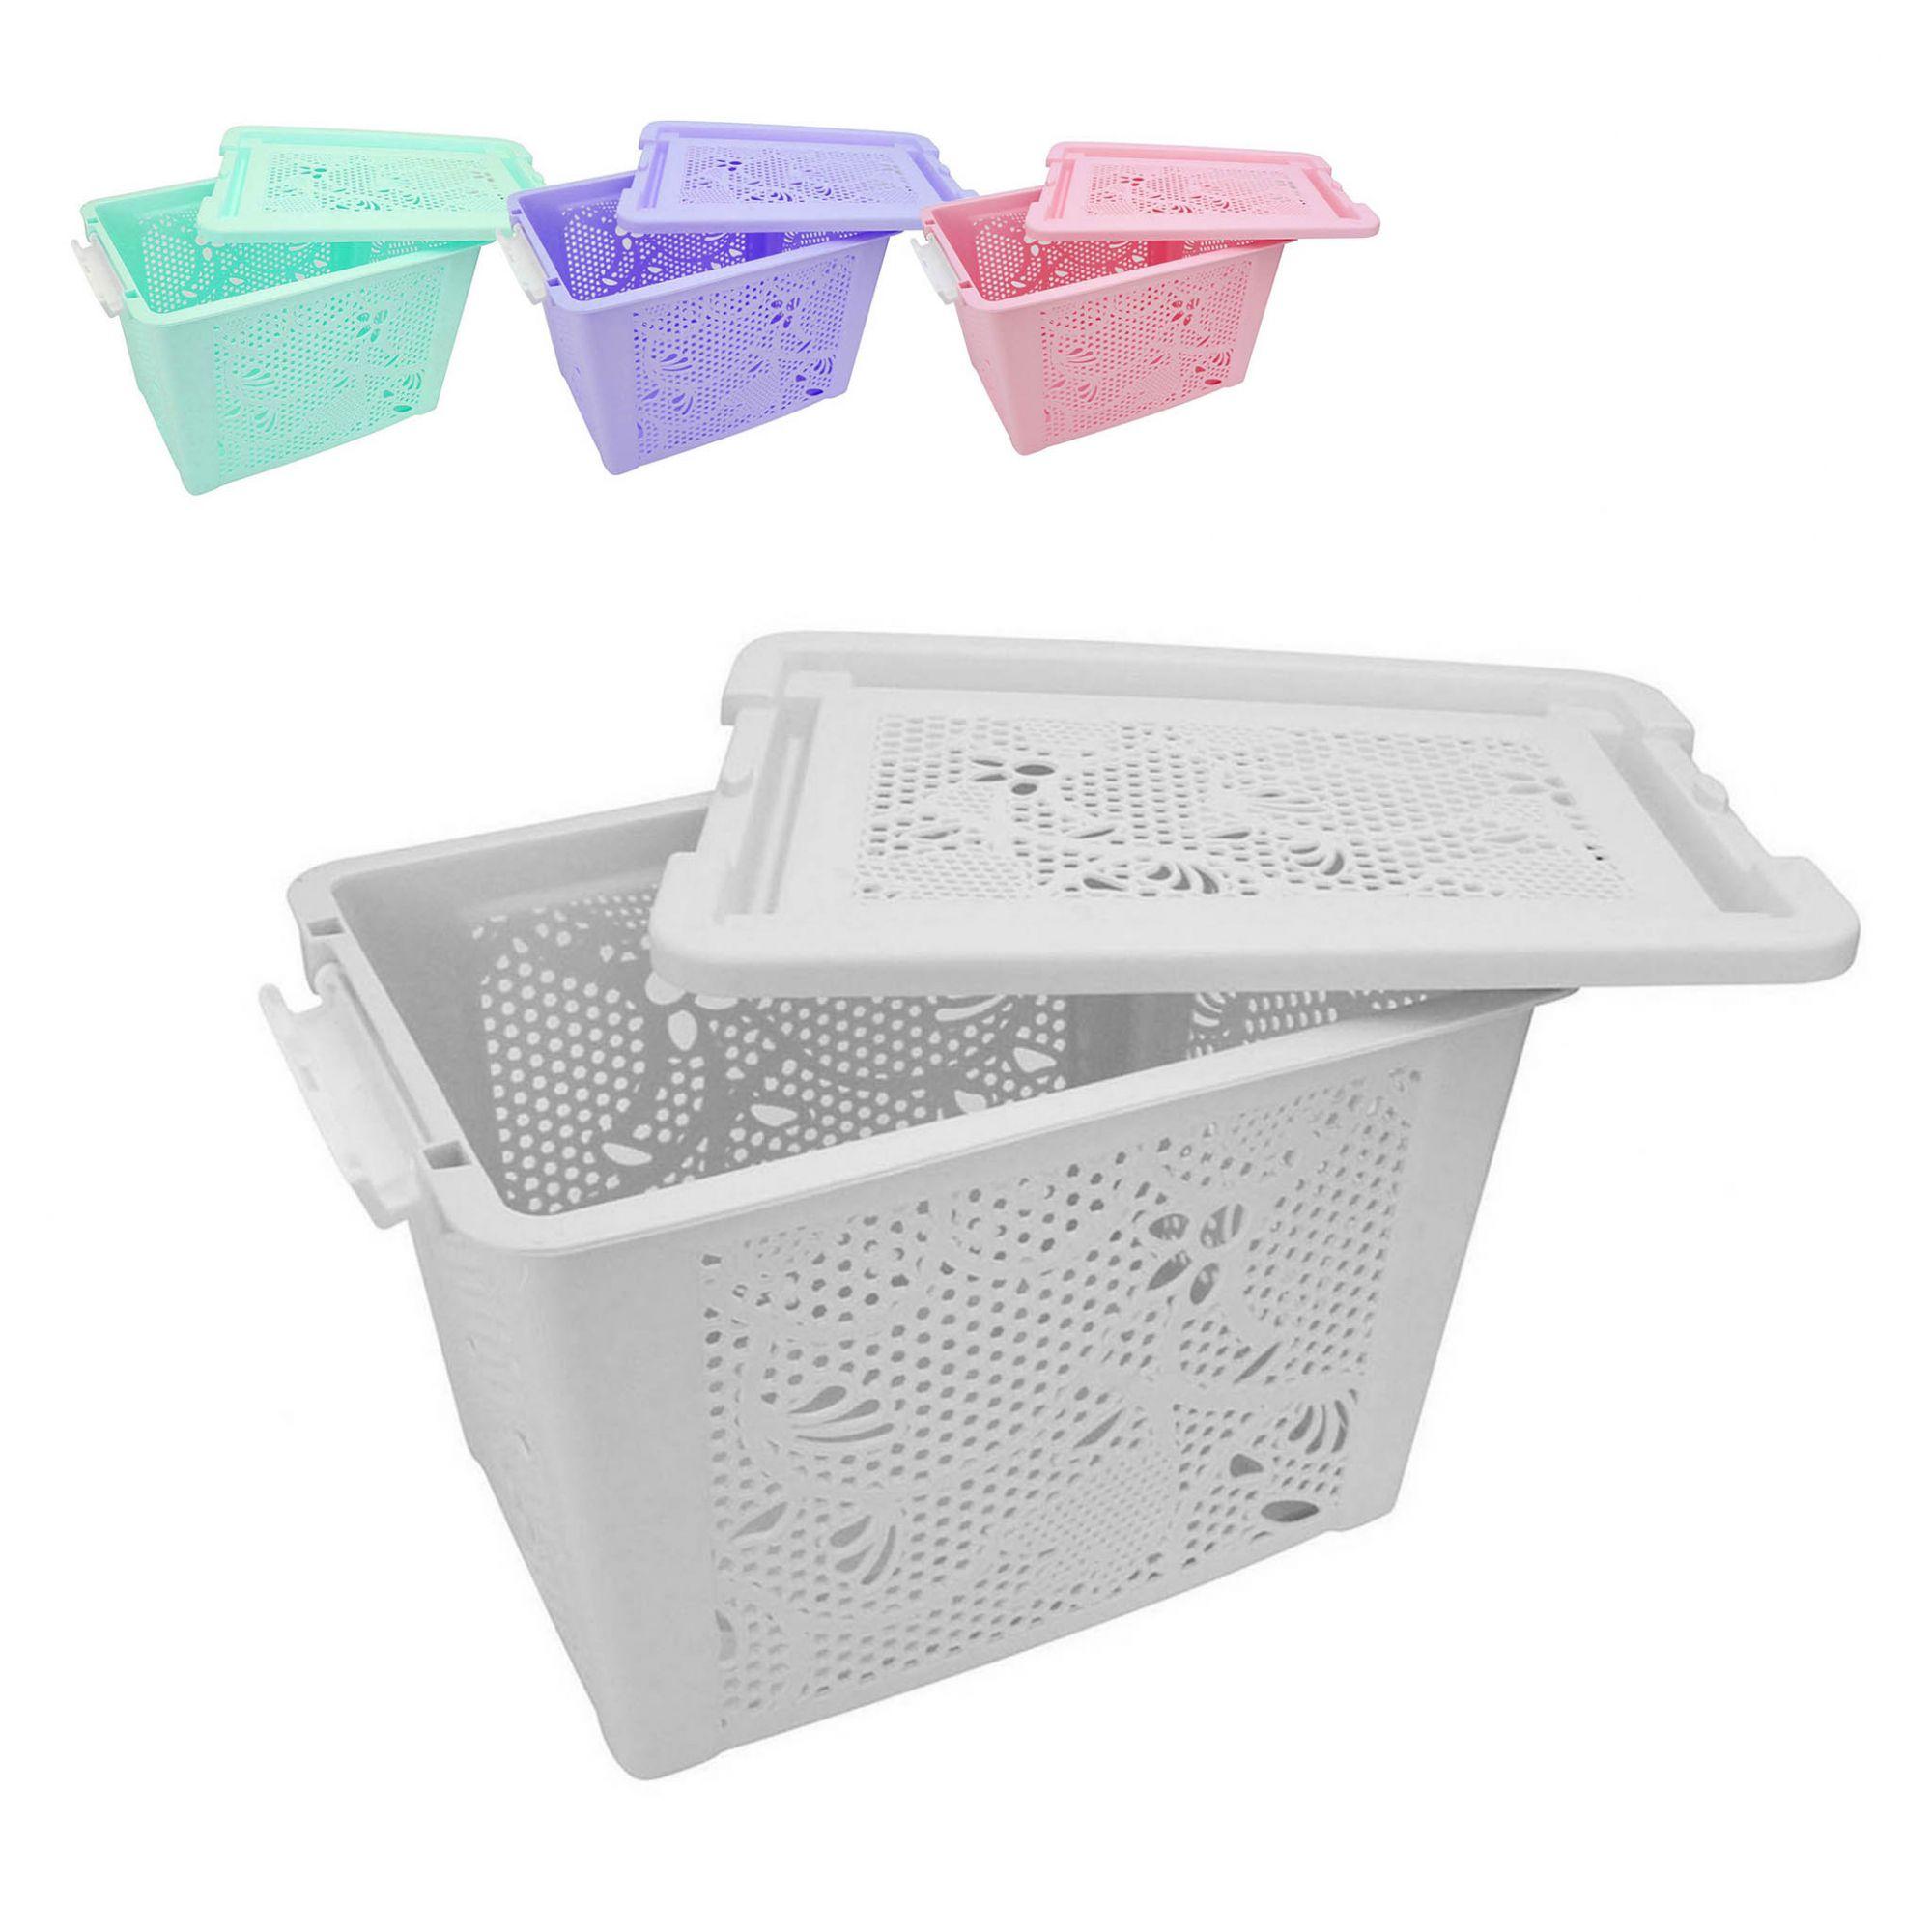 Cesta Plastica Organizadora com tampa 29,5X22X19,5cm